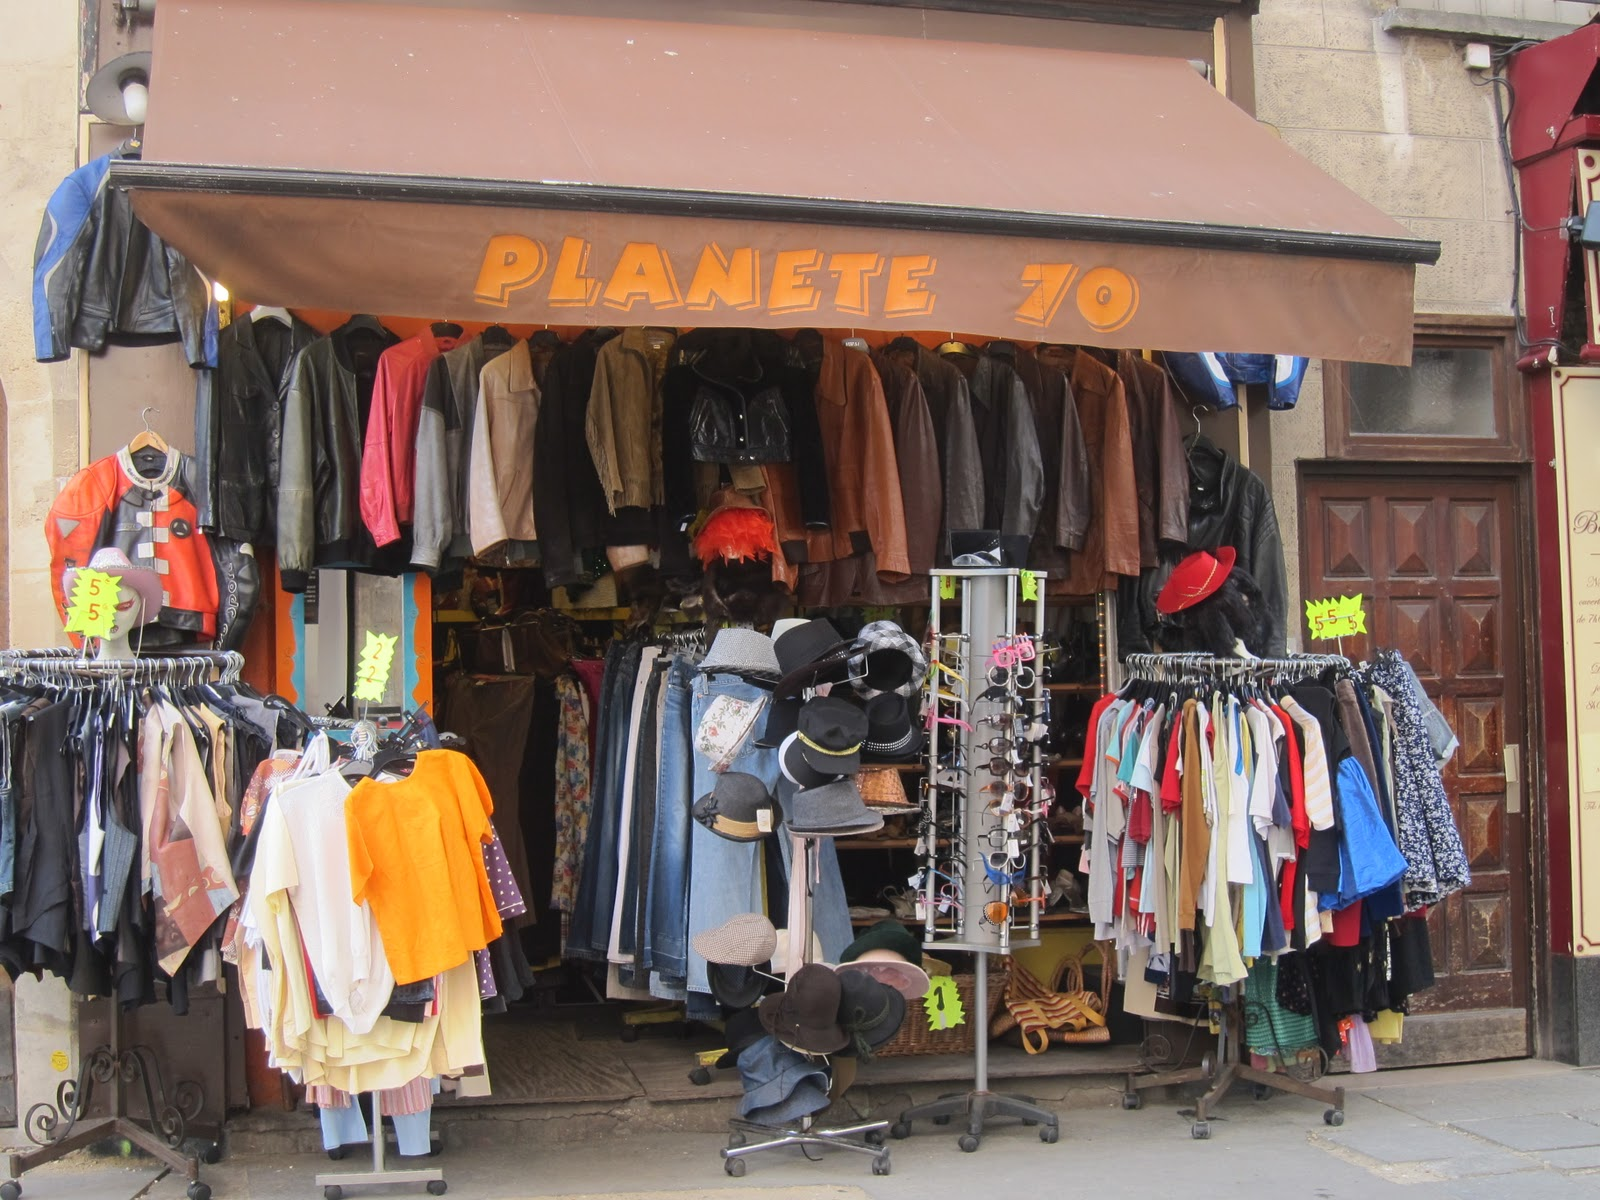 011d1f4aa87c2 Vintage In Paris: Planete 70